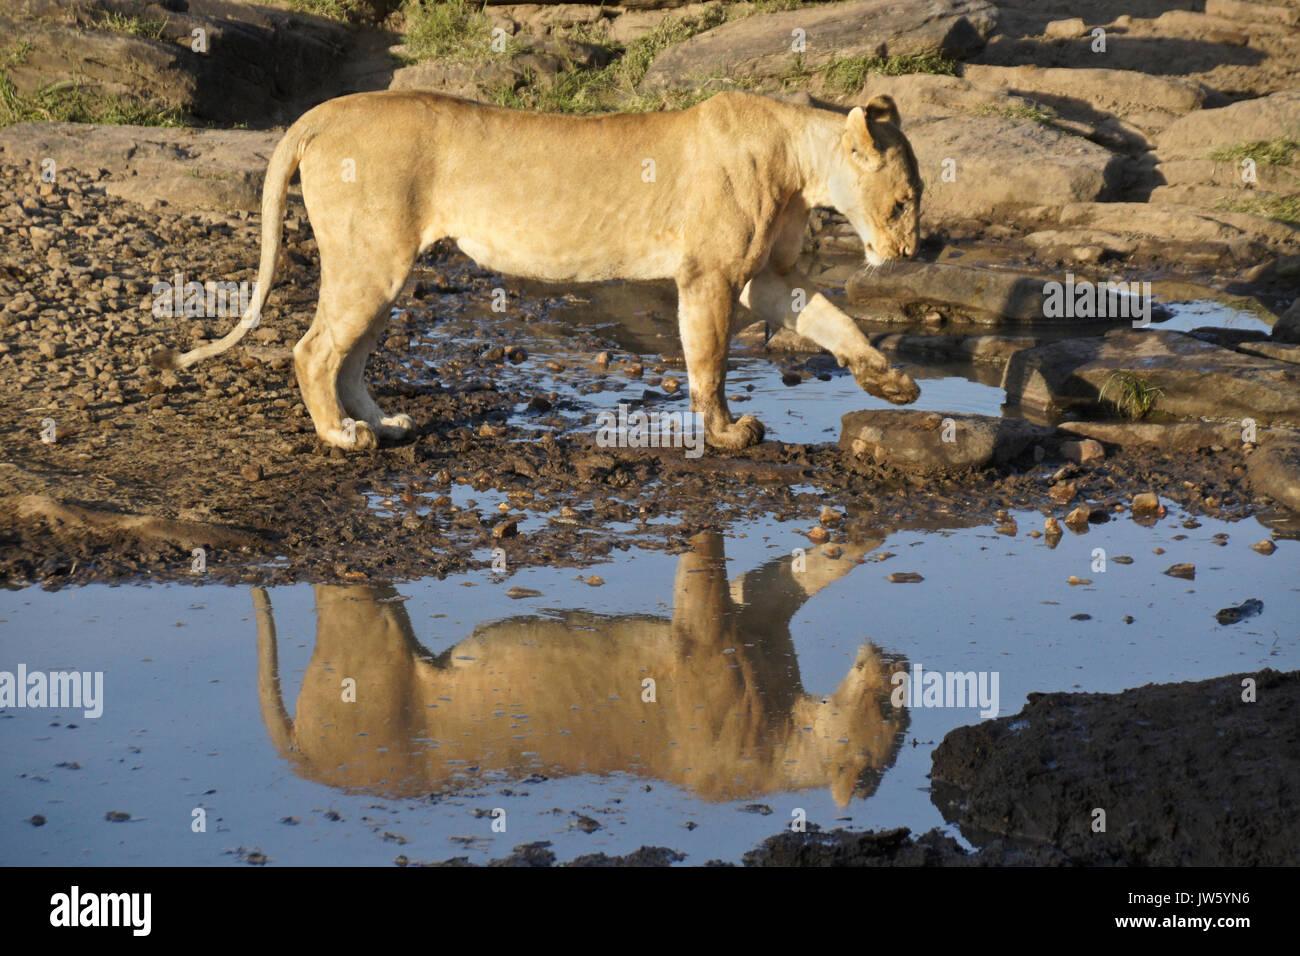 Lionne à piscine de l'eau potable en zone rocheuse, Masai Mara, Kenya Banque D'Images